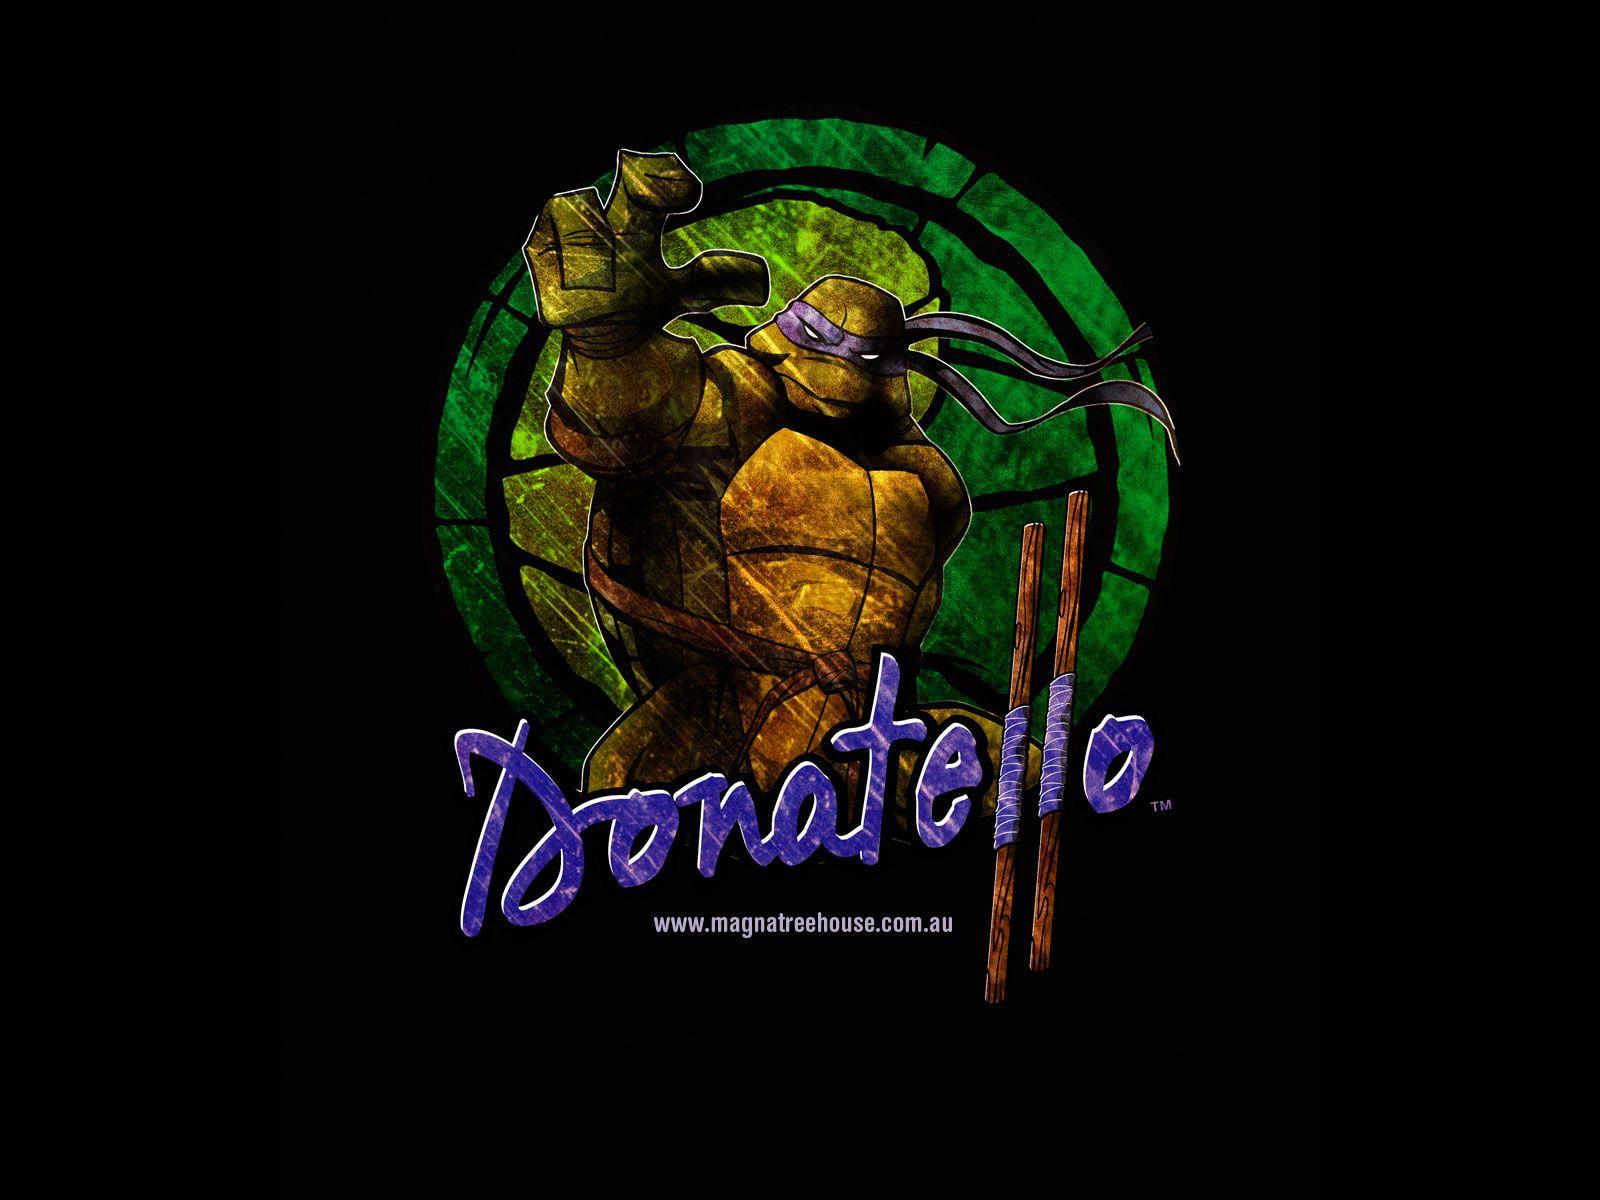 44 Donatello Ninja Turtle Wallpaper On Wallpapersafari